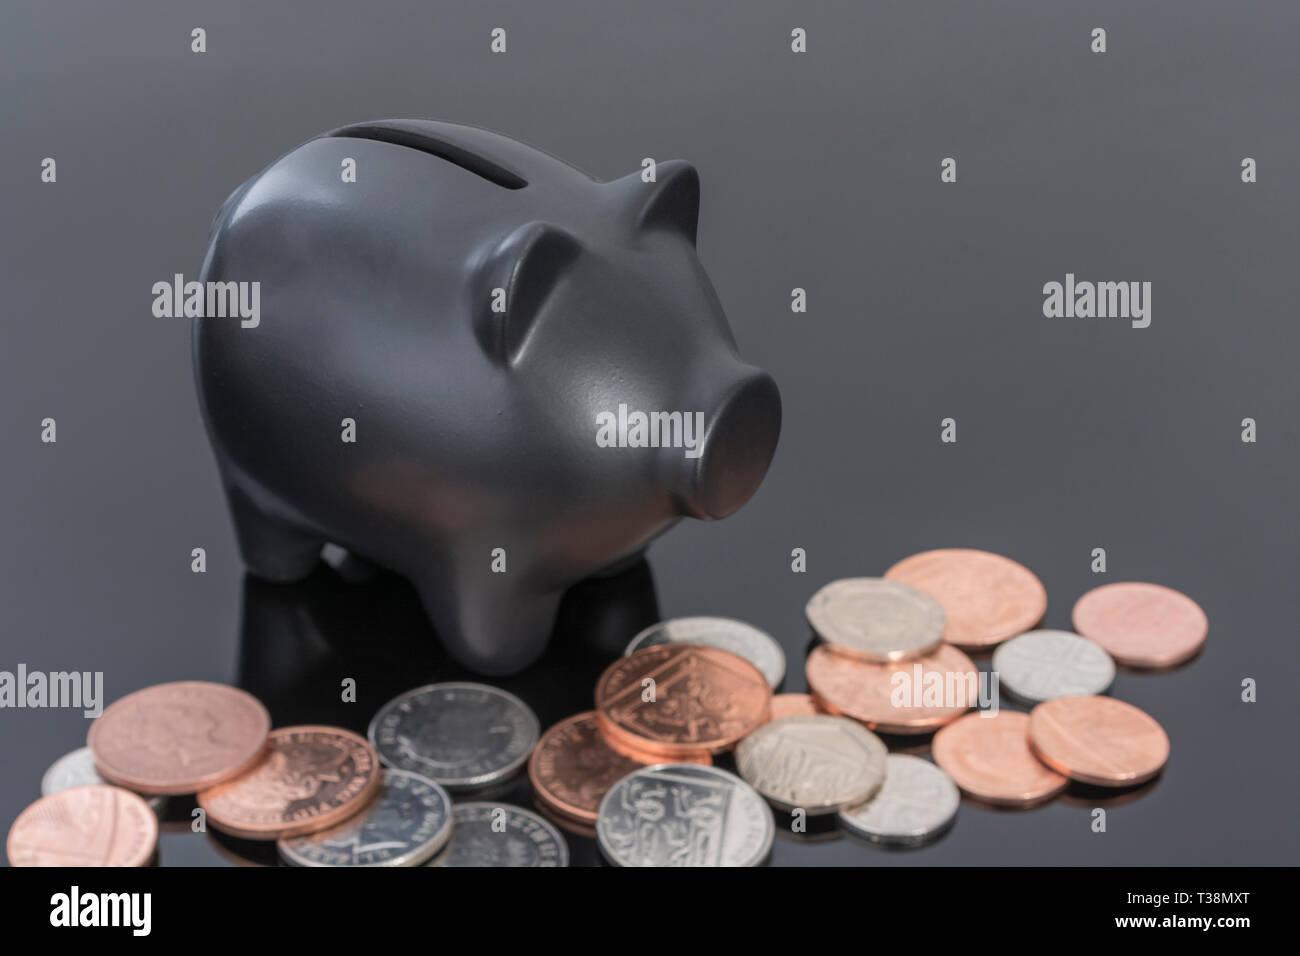 Ceramica Nera salvadanaio con monete del Regno Unito riflettente su sfondo nero. Metafora per il risparmio di denaro, risparmi personali. Foto Stock